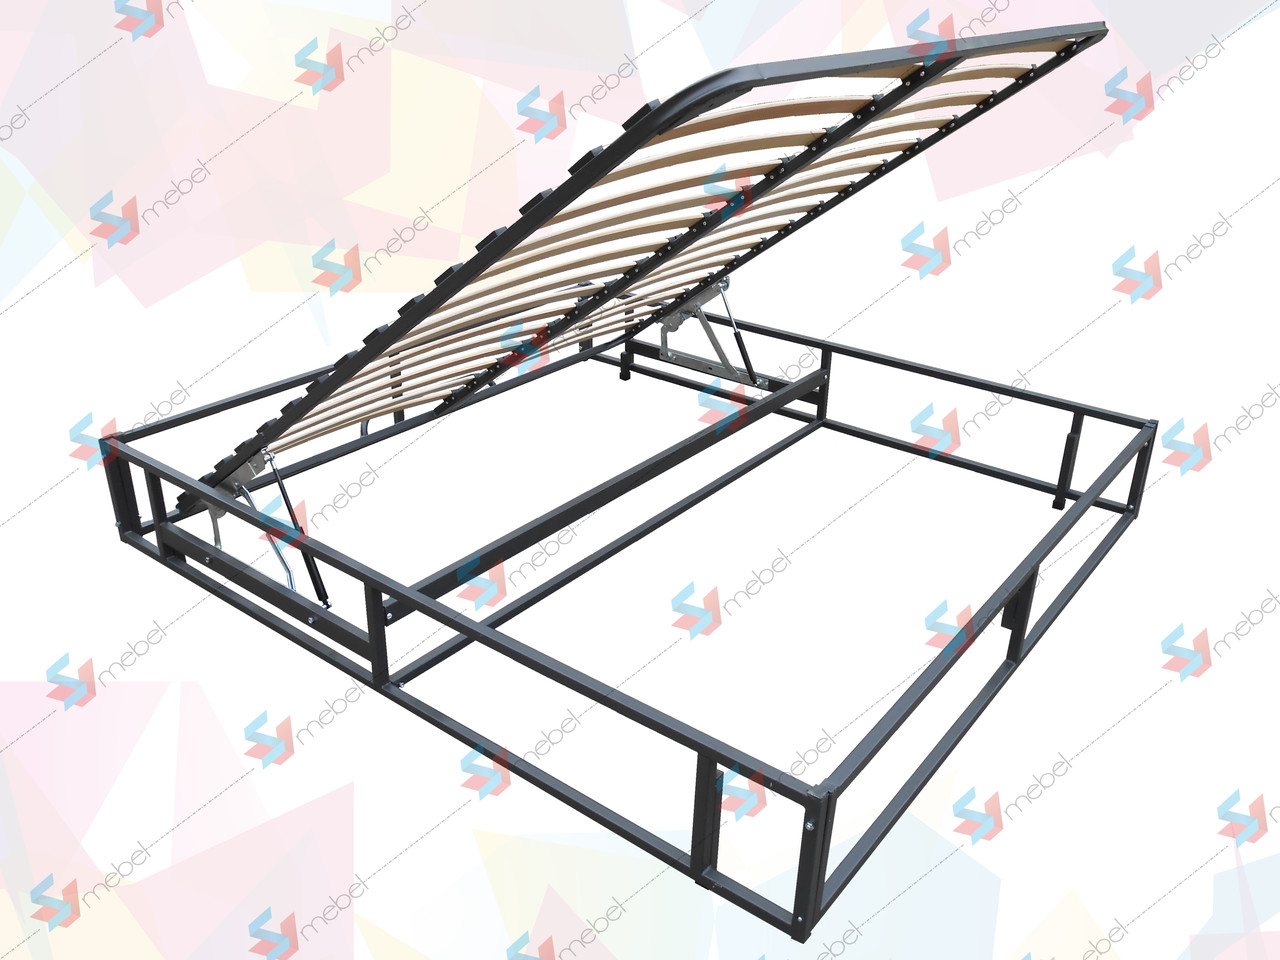 Каркас кровати с подъемным механизмом(без фиксатора) и основанием 2000х1400 мм - SVmebel в Мелитополе